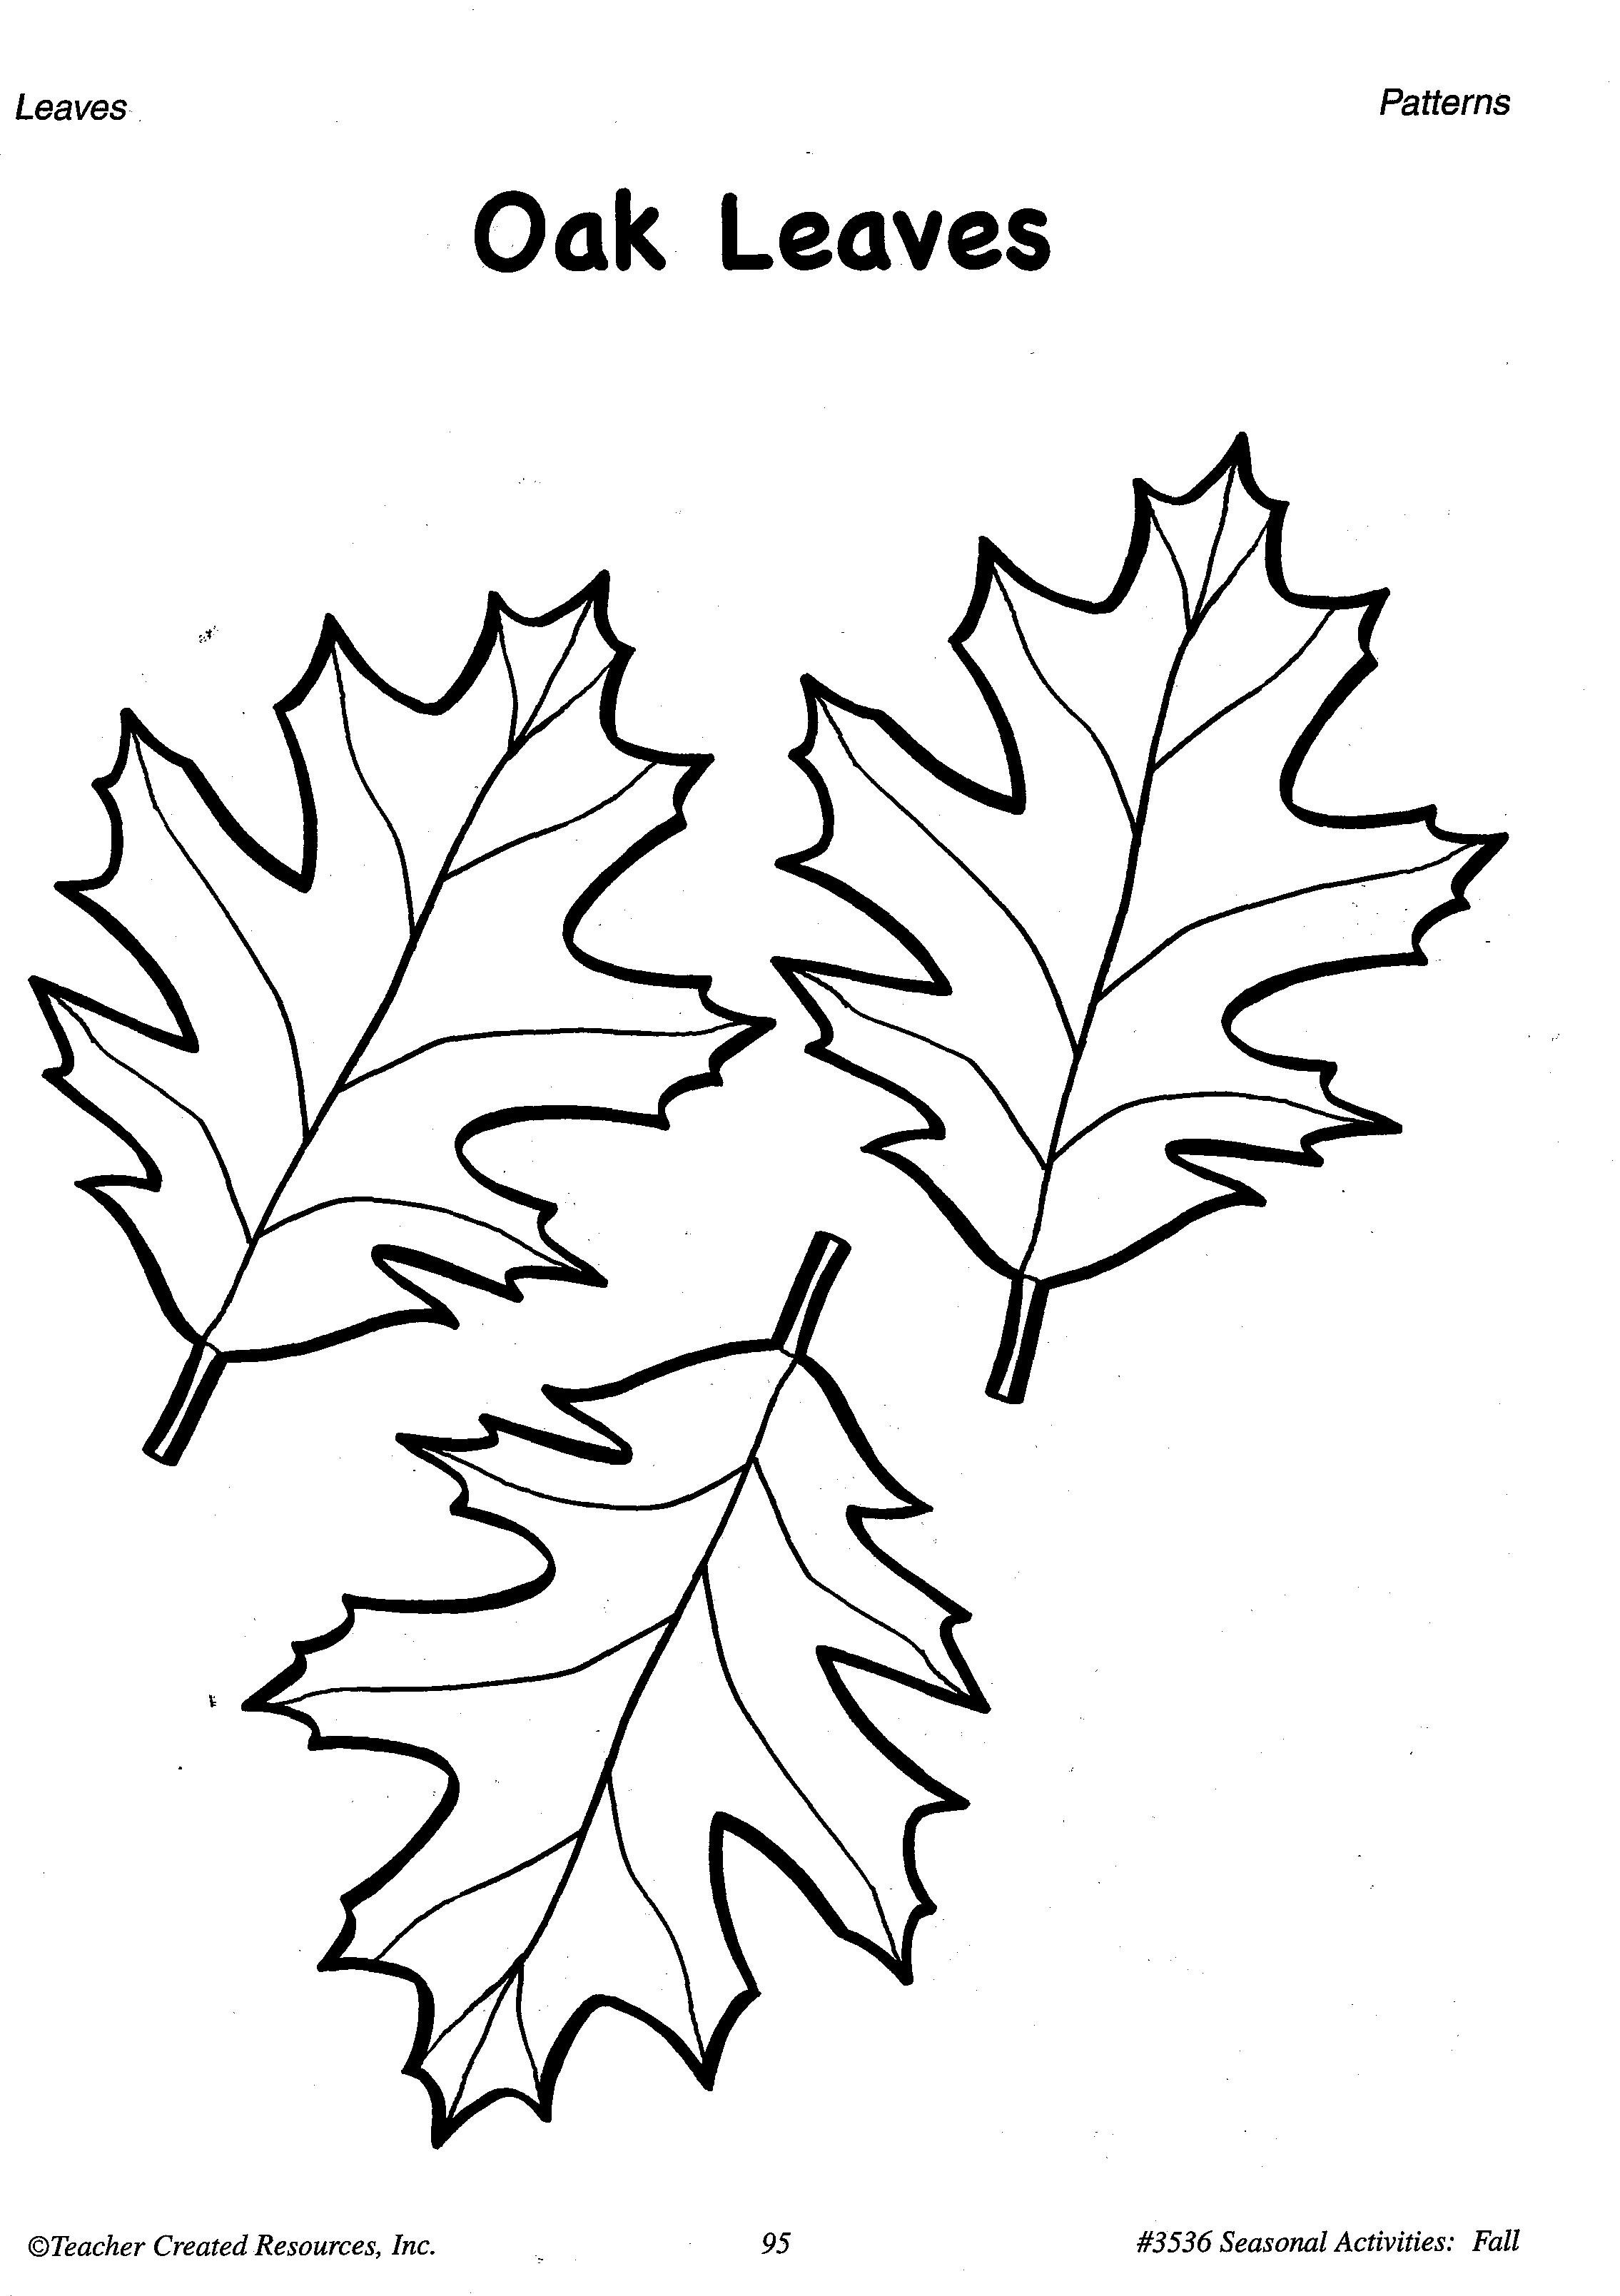 Oak Leaf Drawing Template At Getdrawings